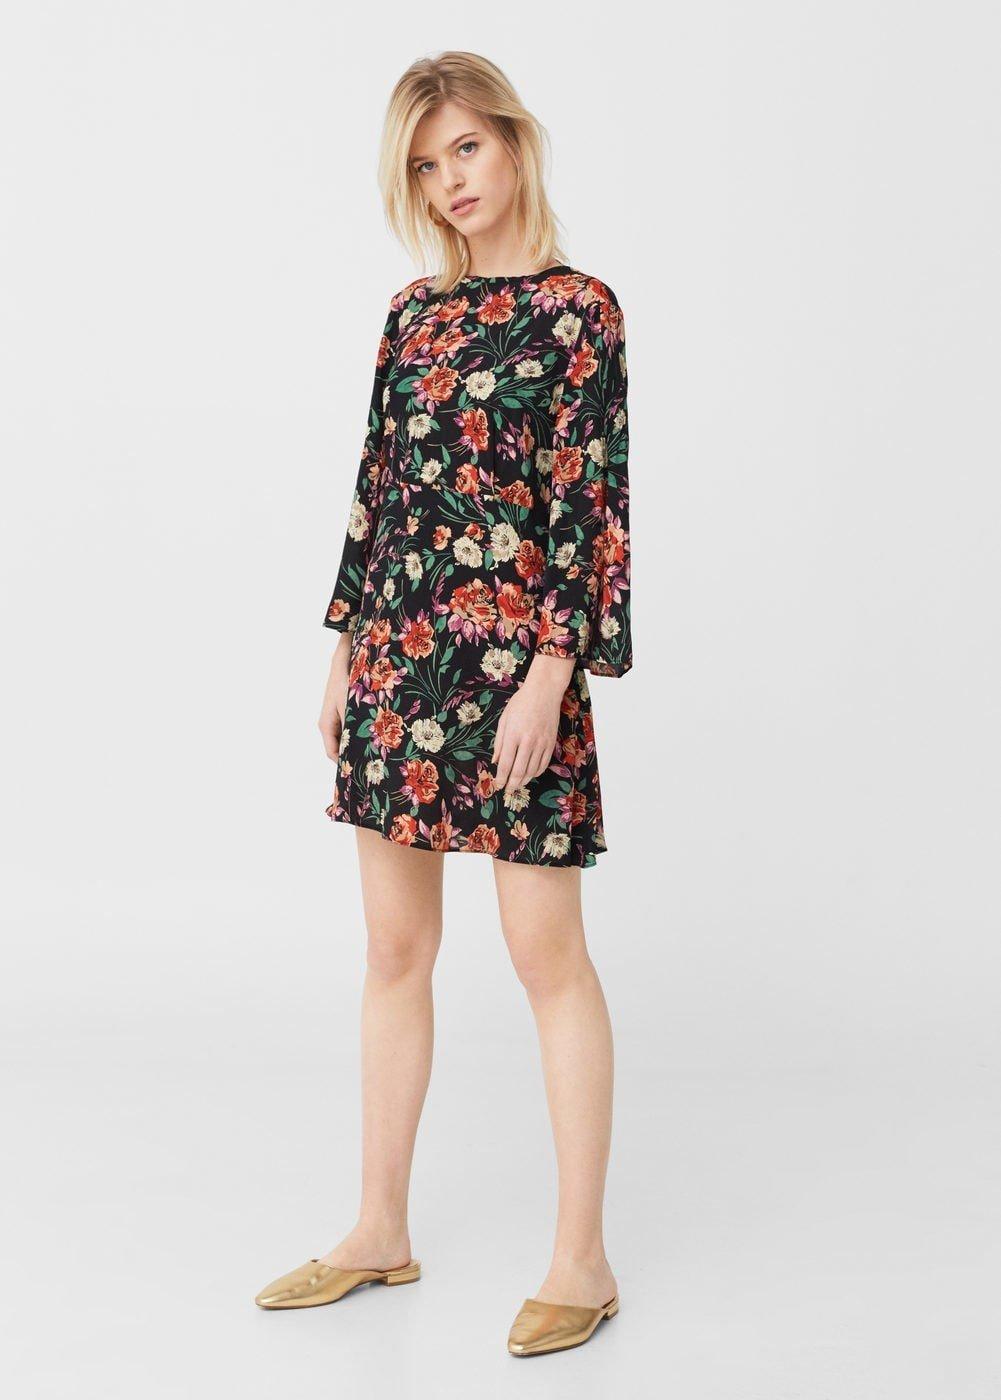 Цветок на платье 2018 фото